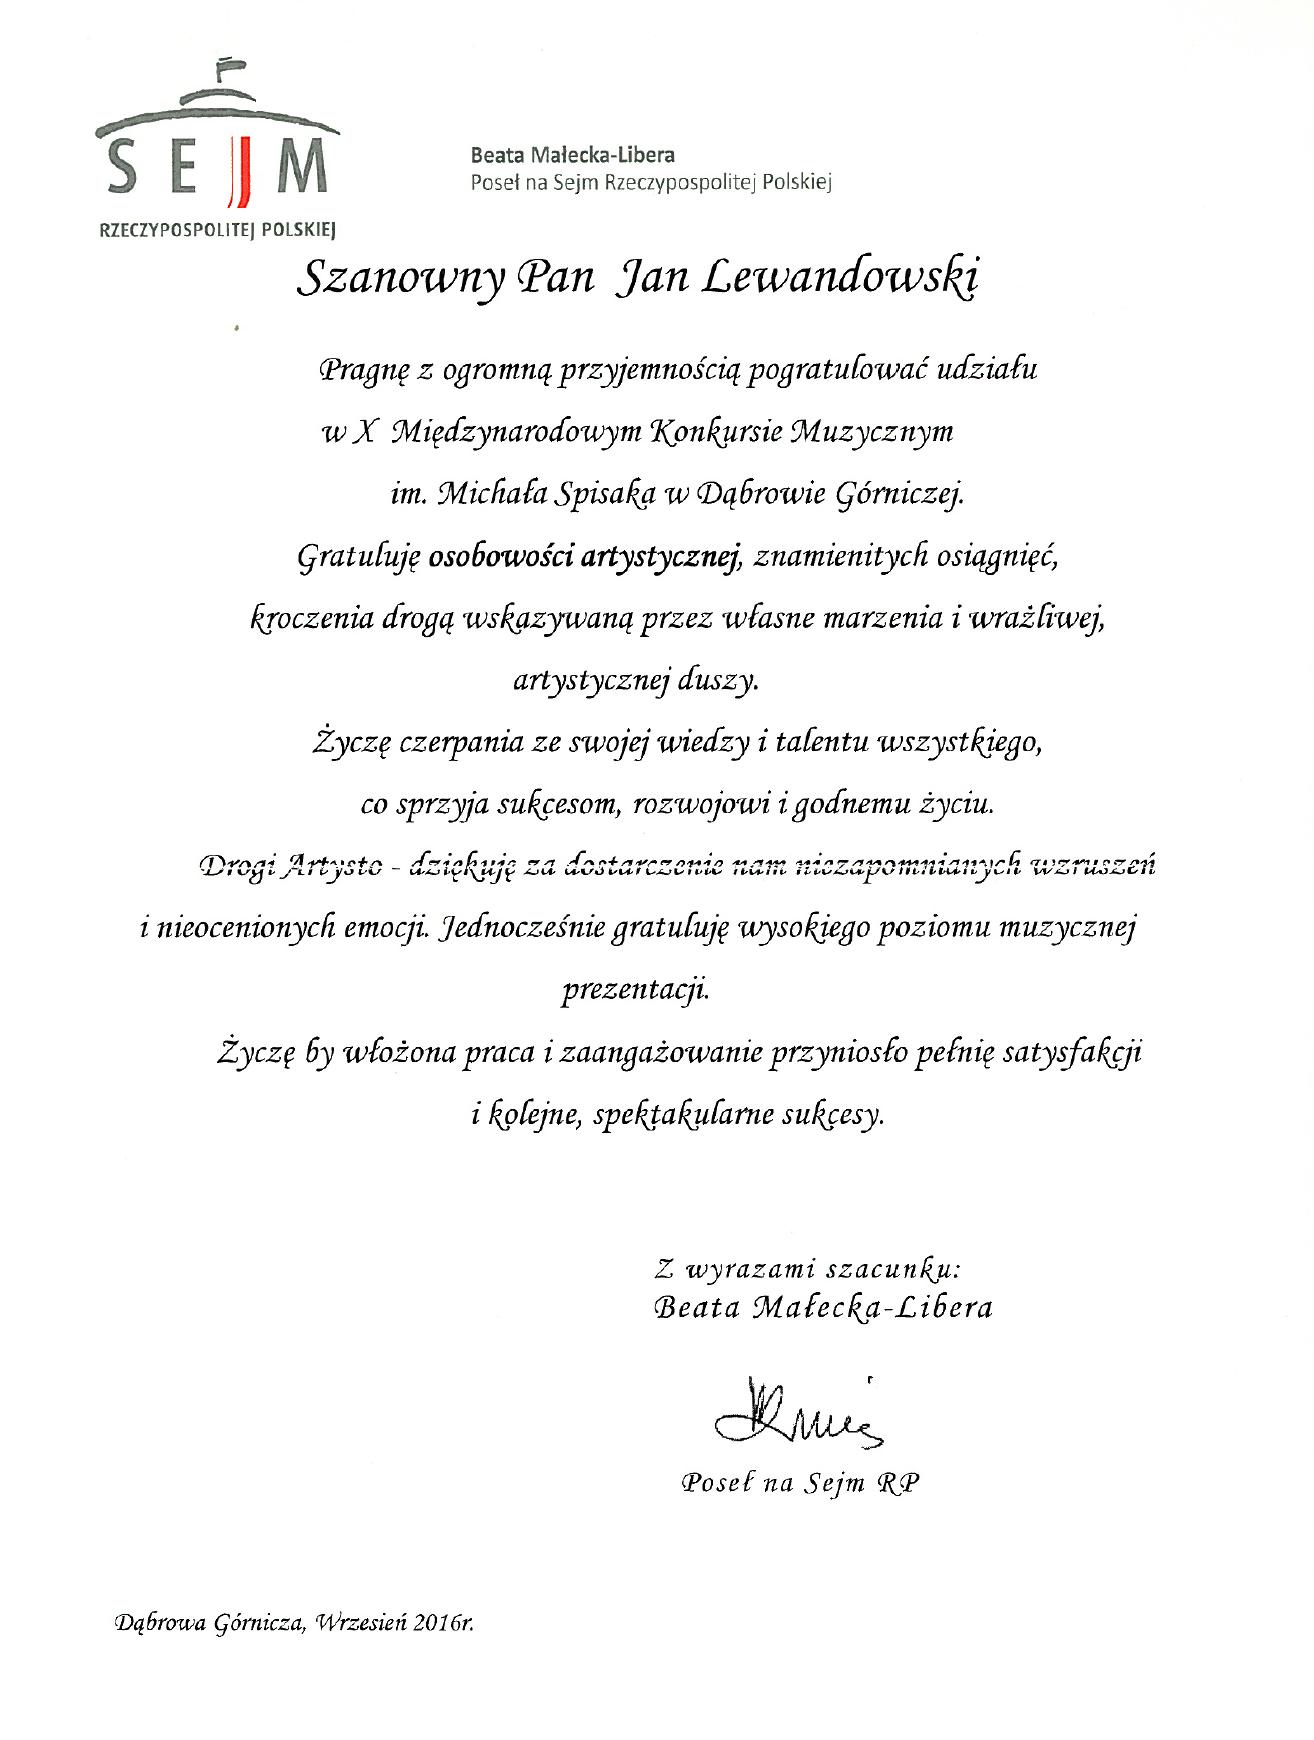 jan-lewandowski_osobowosc-artystyczna_mkm_spisak_2016